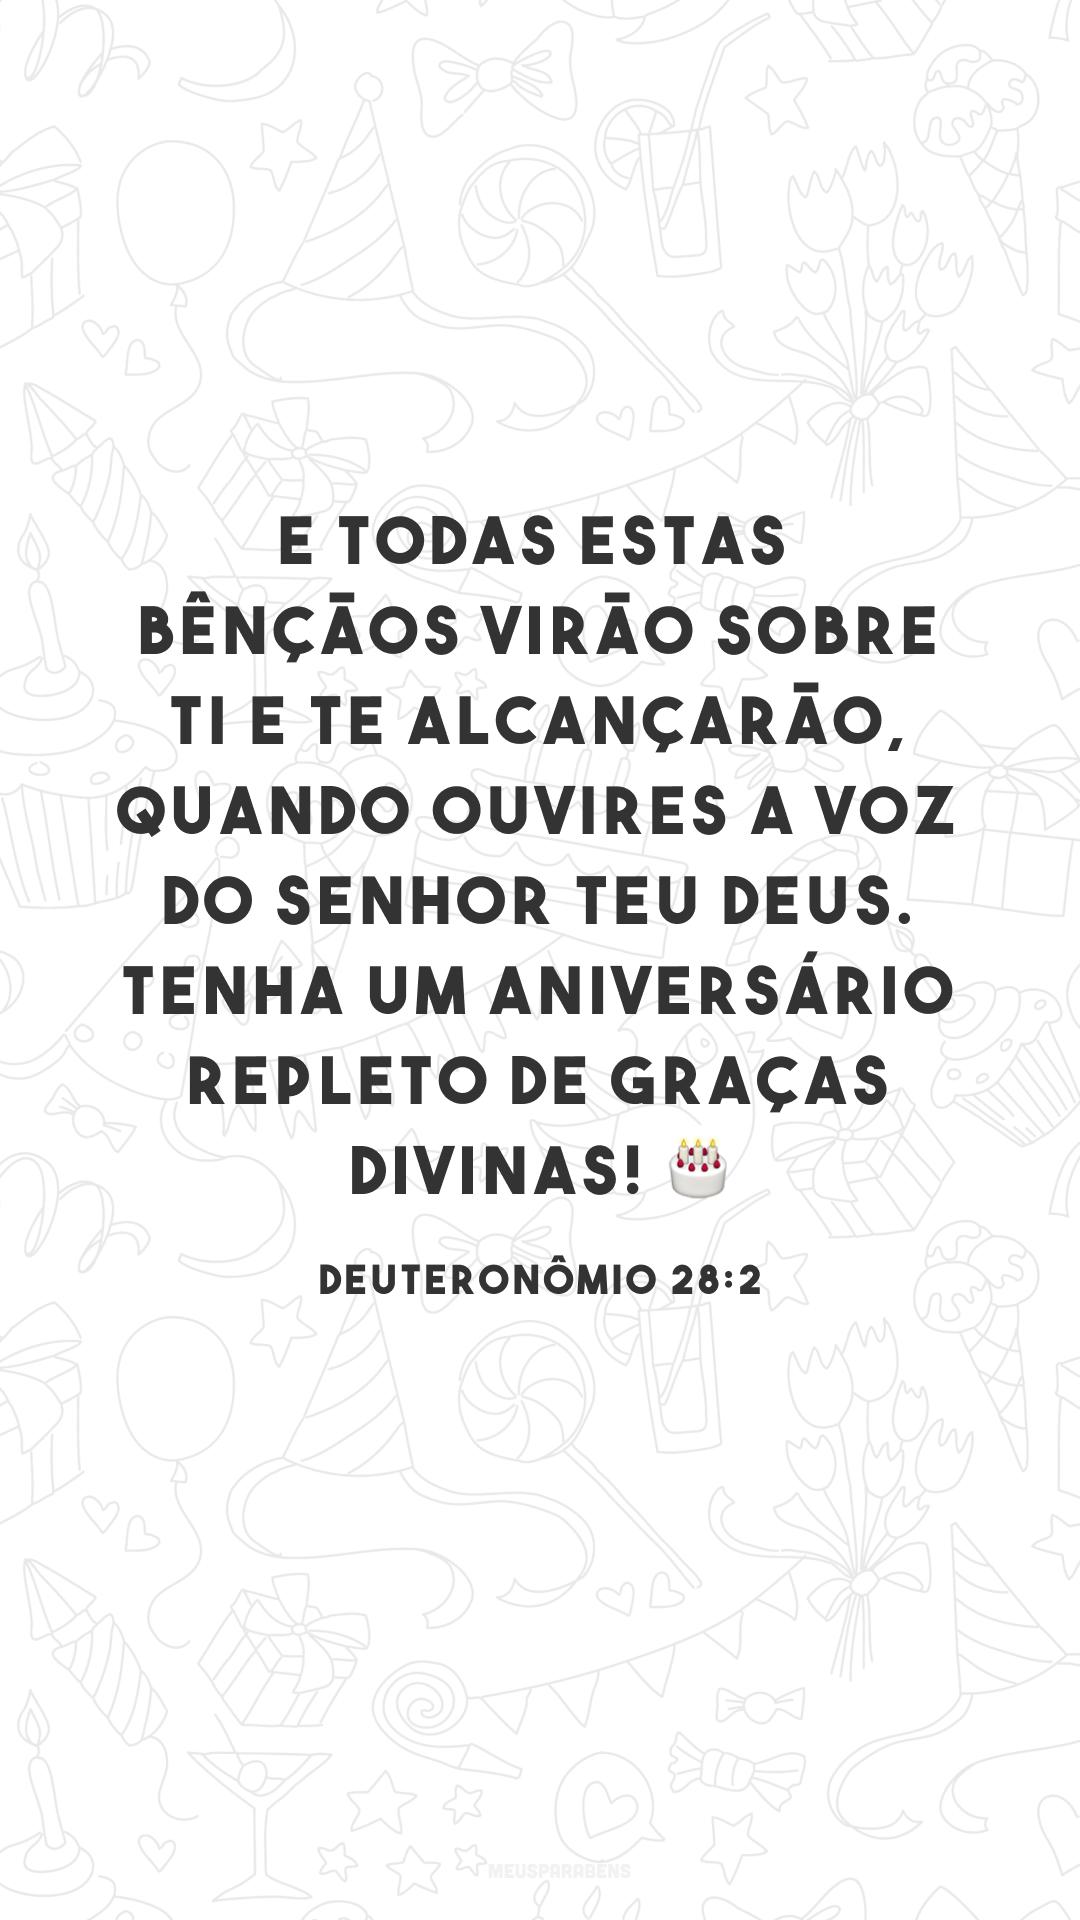 E todas estas bênçãos virão sobre ti e te alcançarão, quando ouvires a voz do Senhor teu Deus. Tenha um aniversário repleto de graças divinas! 🎂<br />